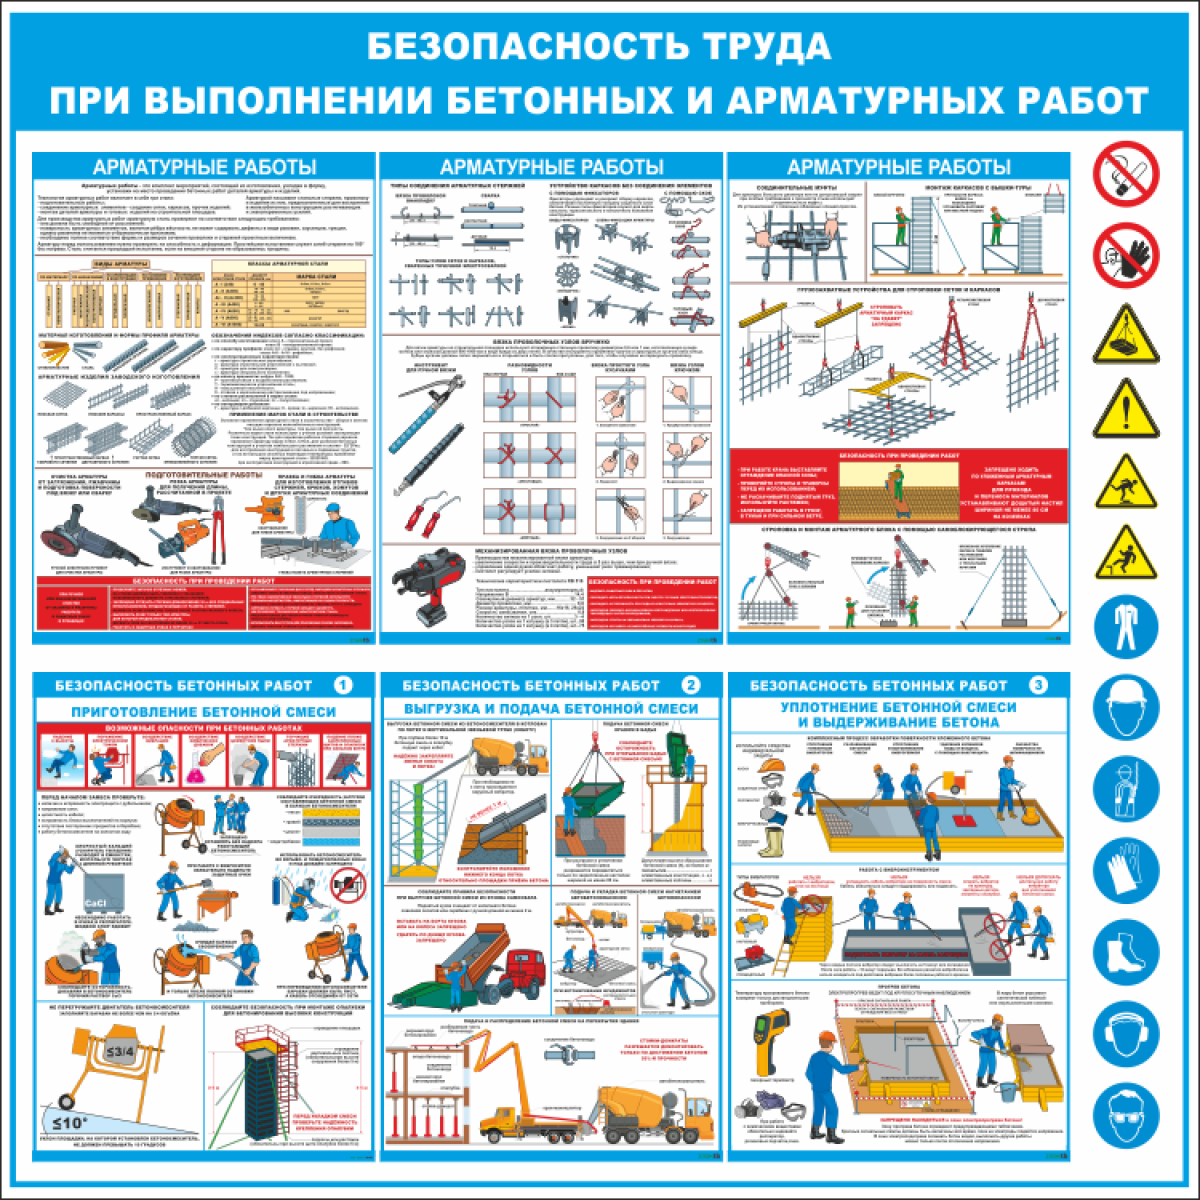 """3557 Стенд """"Безопасность труда при выполнении бетонных и арматурных работ"""" 1000*1000мм"""